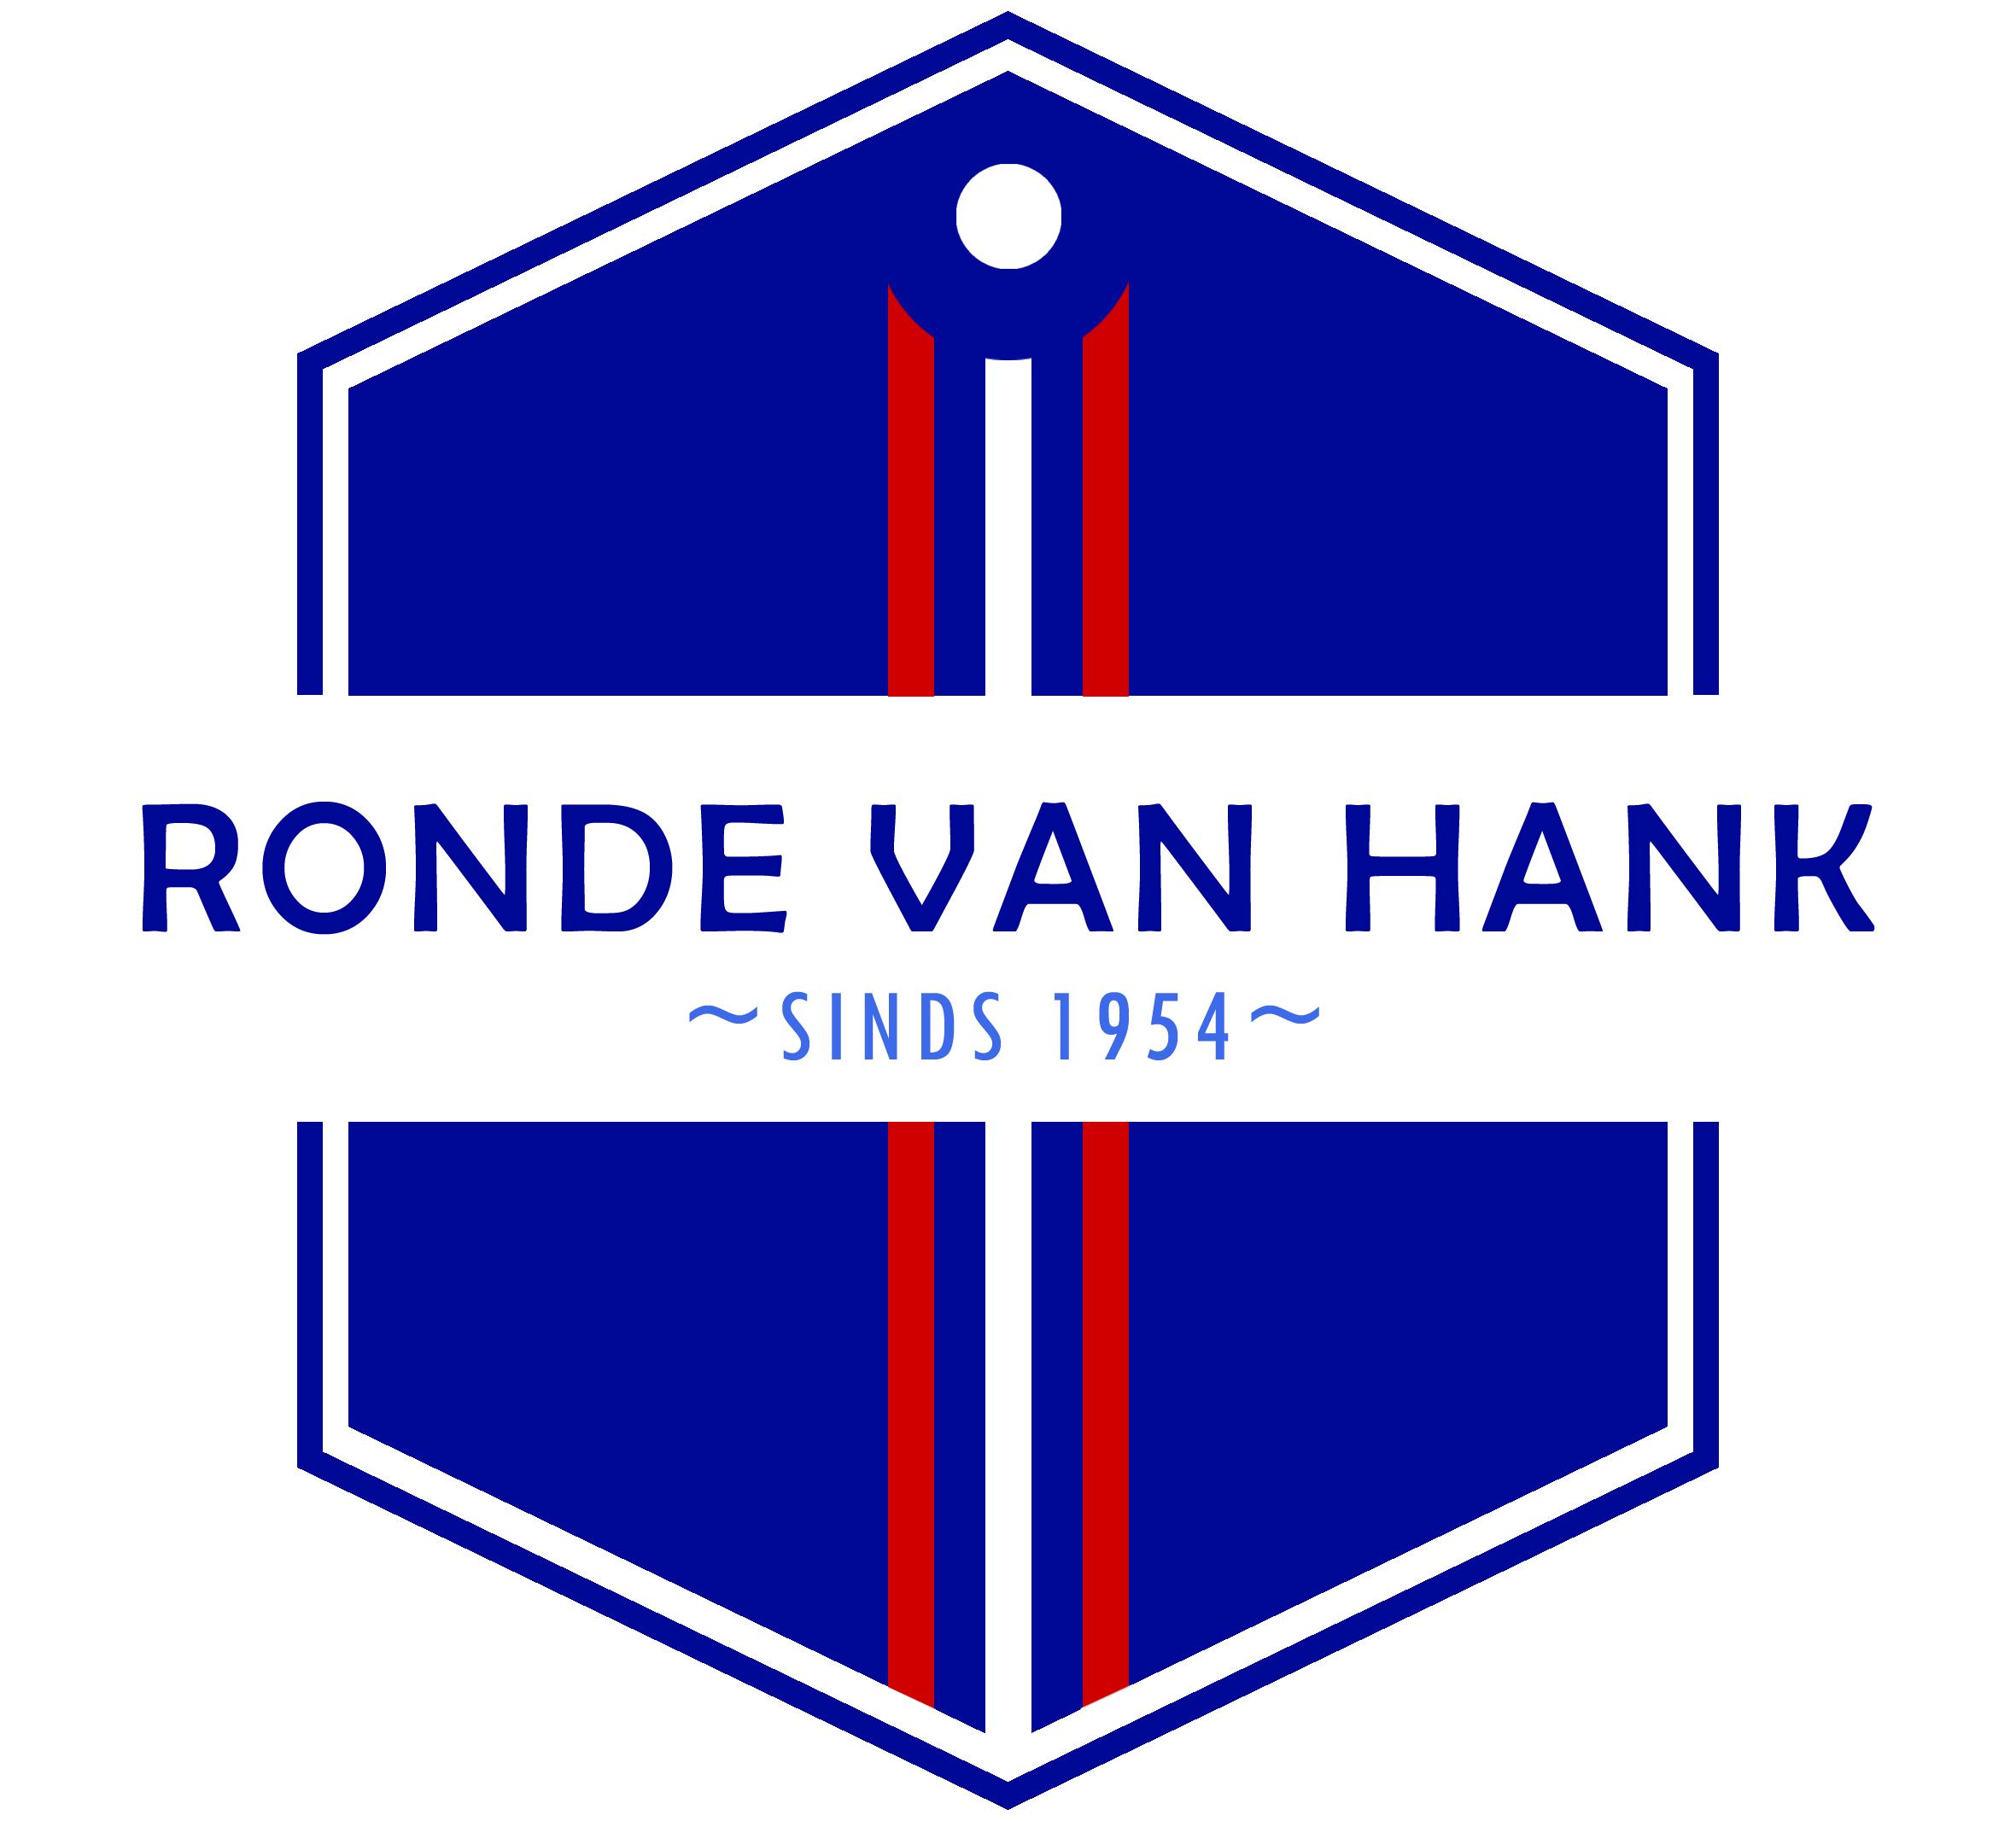 Ronde van Hank